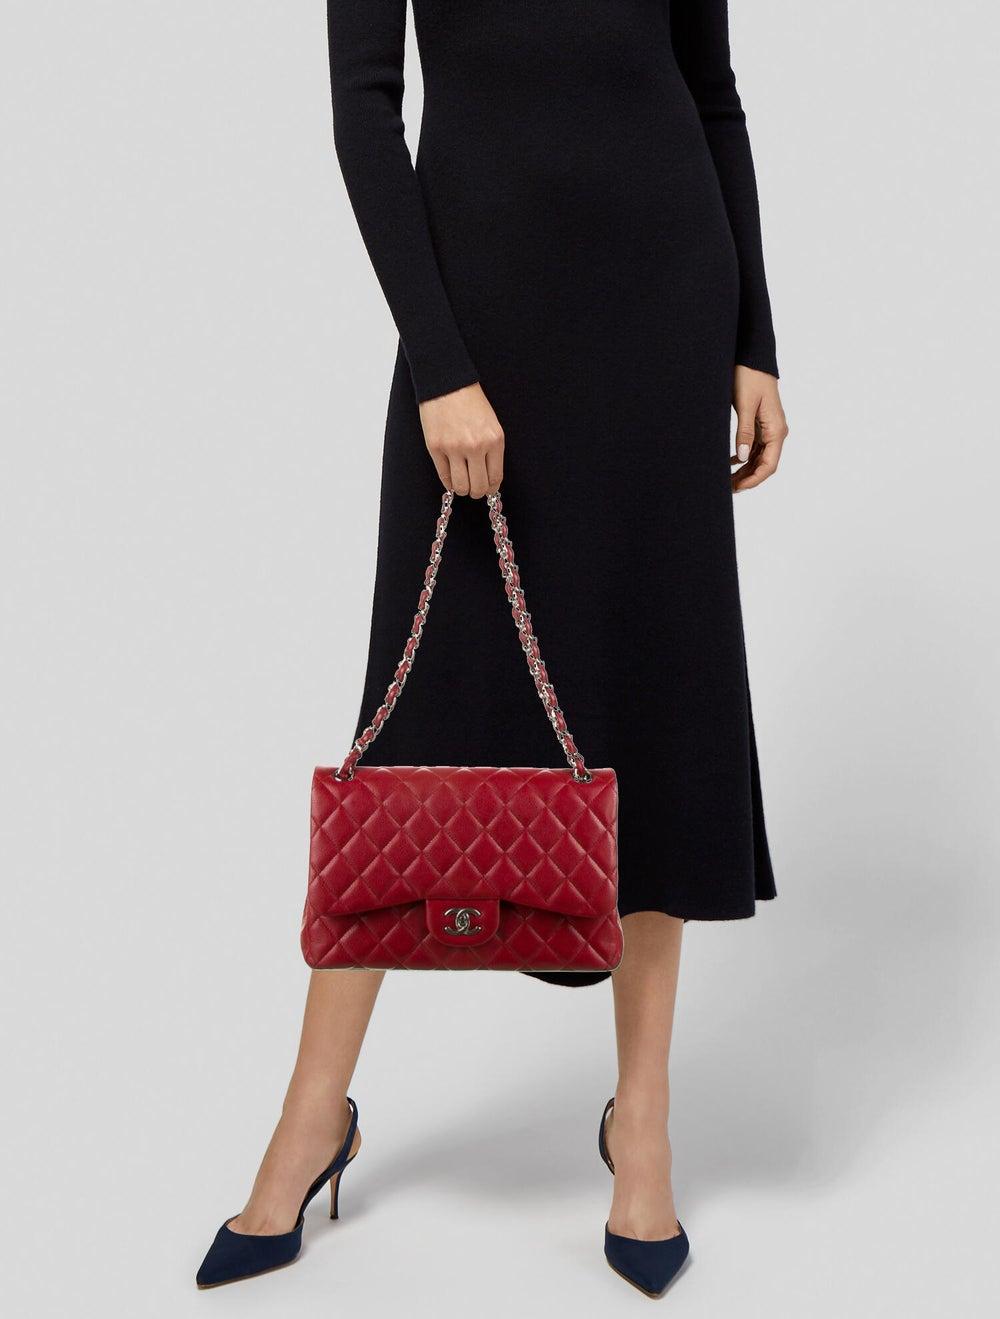 Chanel Classic Jumbo Double Flap Bag Red - image 2